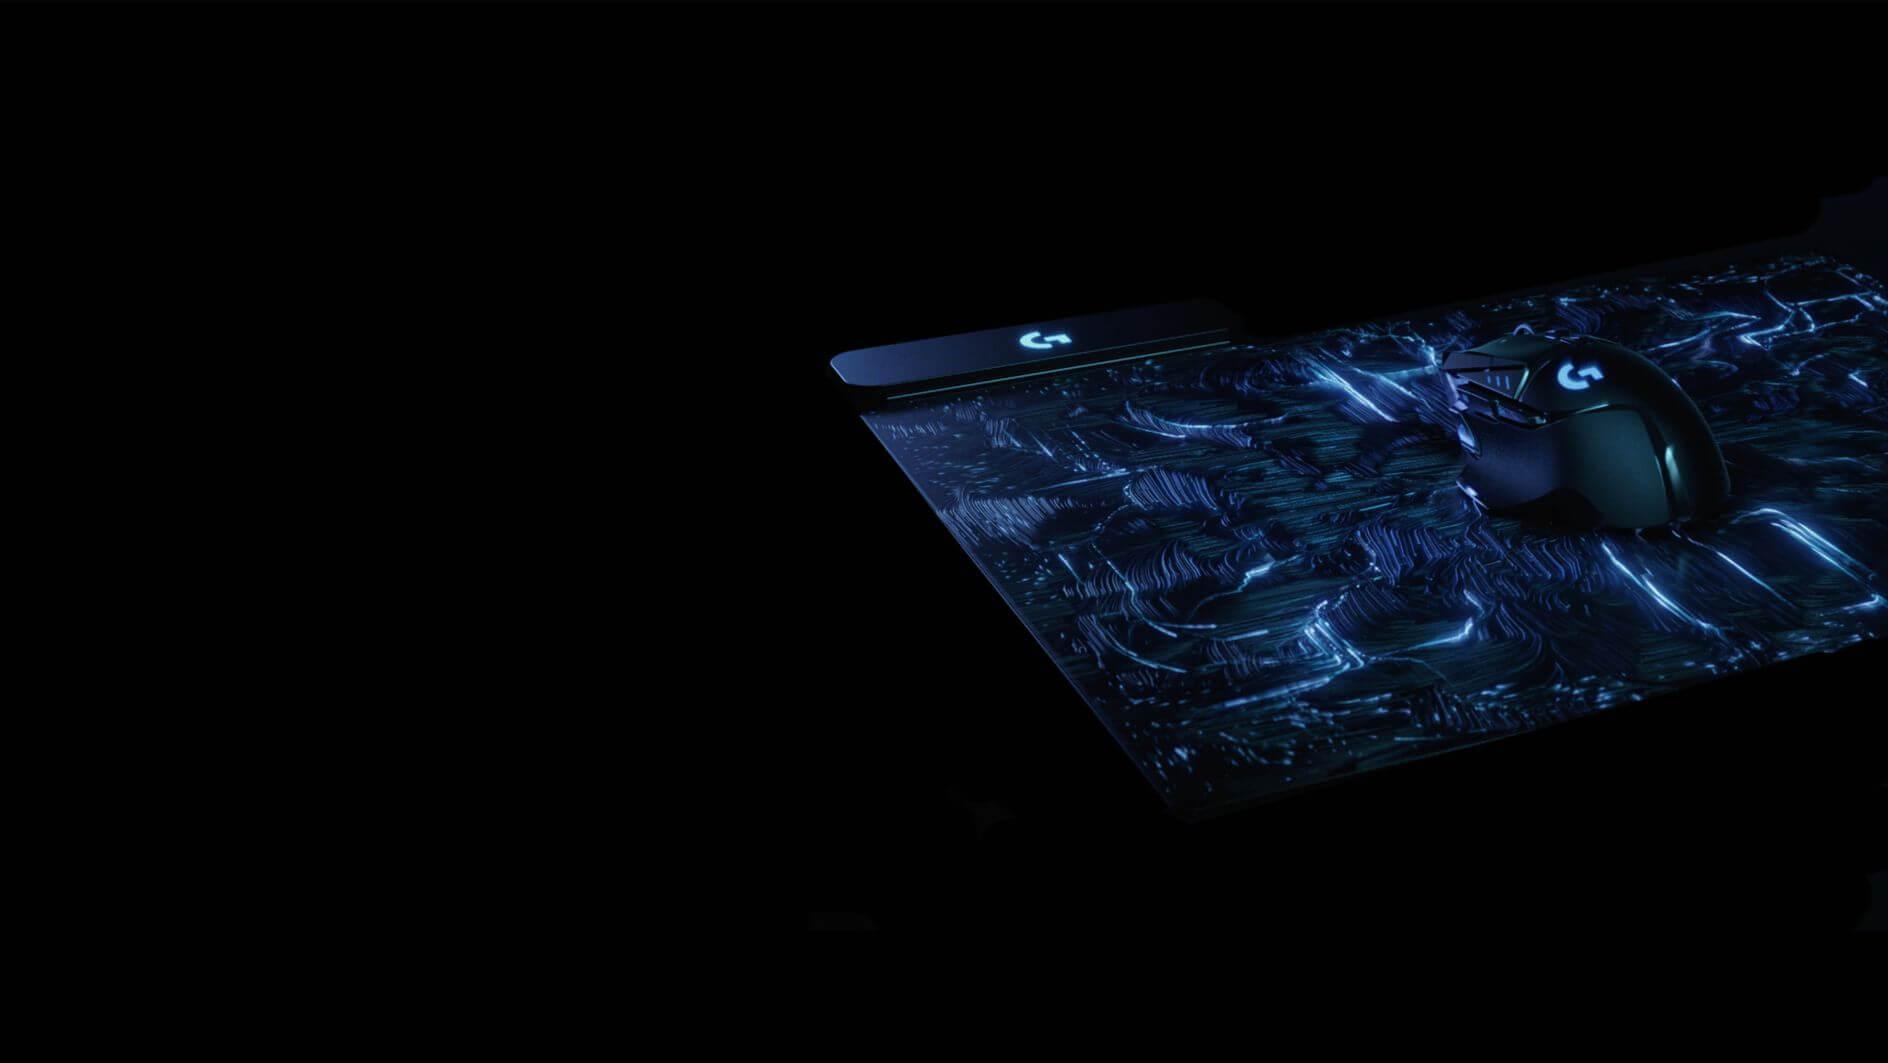 Chuột Chơi game Không dây Logitech G502 Lightspeed (USB/RGB/Đen)  có thể sạc không dây với bàn di chuột Logitech PowerPlay